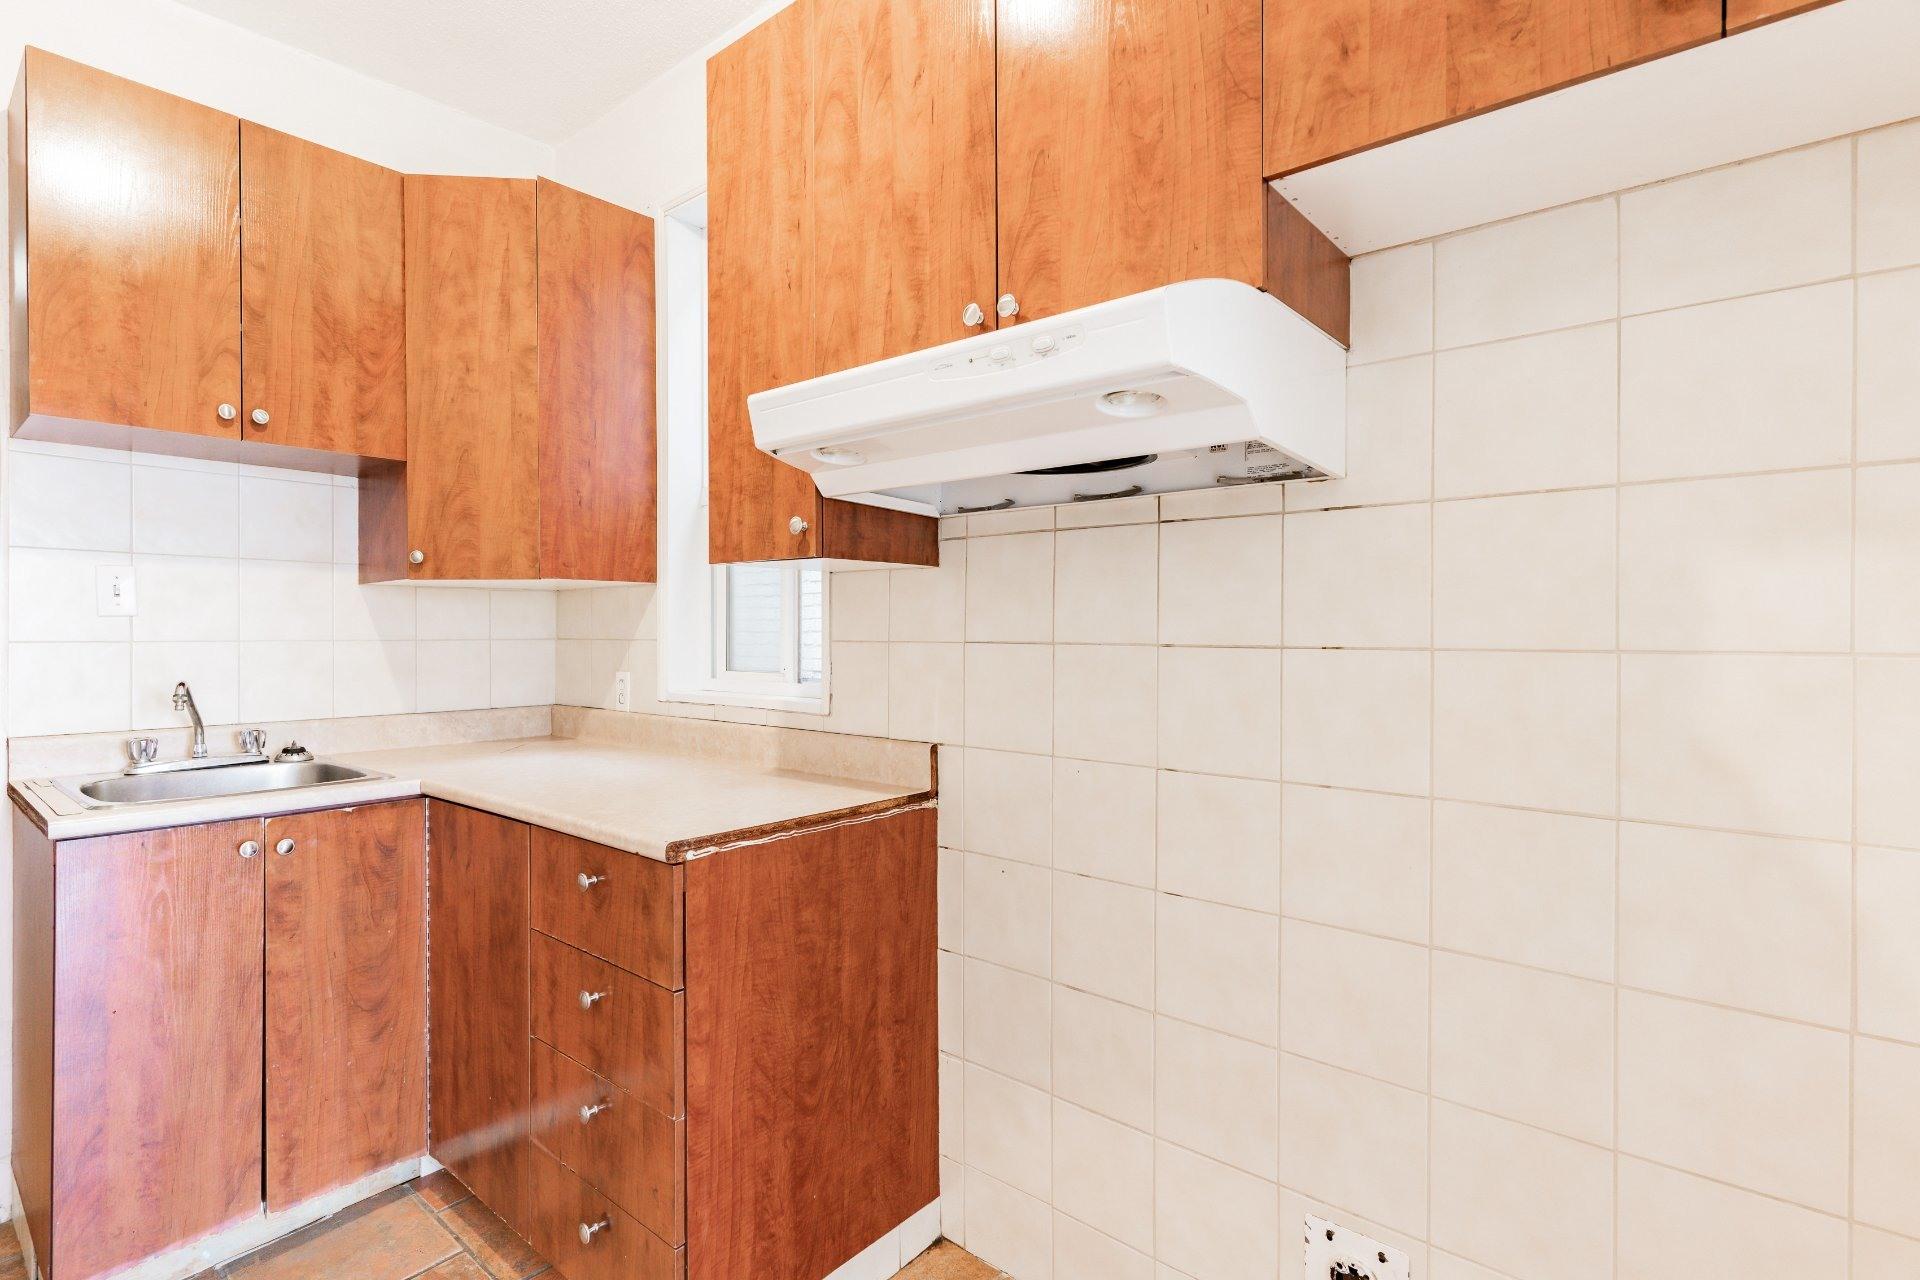 image 10 - Appartement À louer Rosemont/La Petite-Patrie Montréal  - 5 pièces